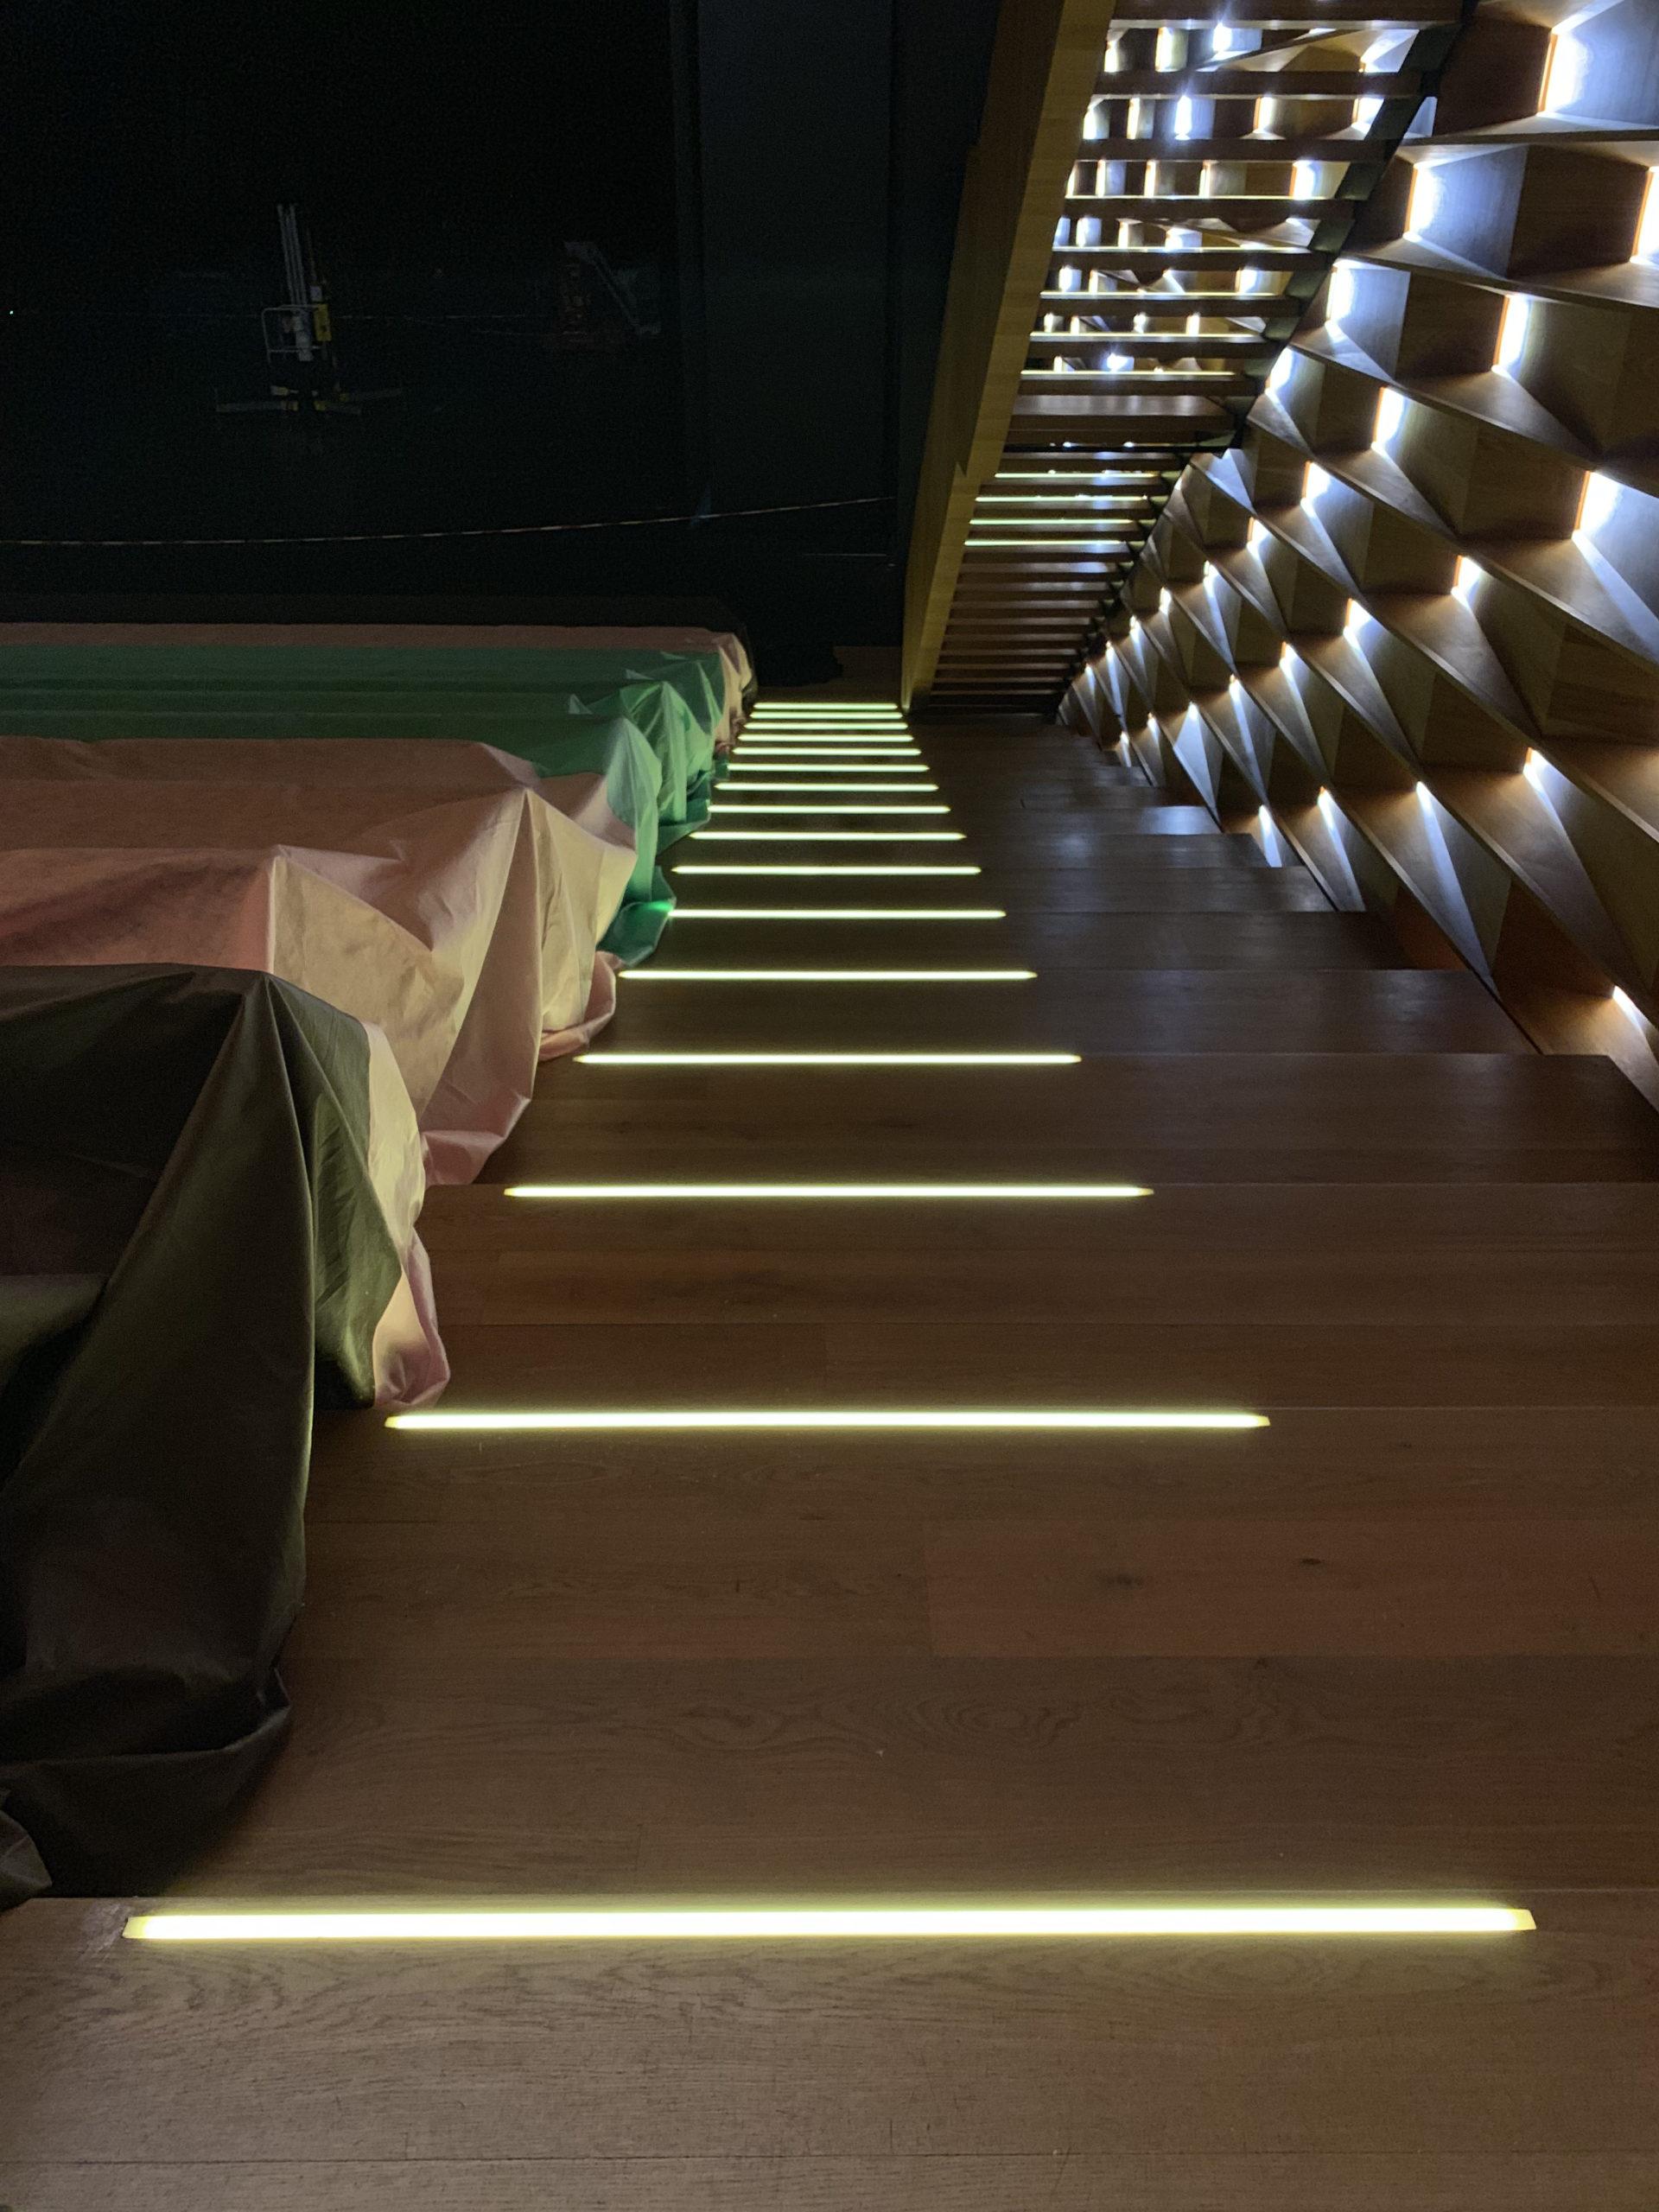 Holzstufen mit eckigen Einbauleuchten. Seitlich sind Leuchten für einen Wandeinbau zu sehen.